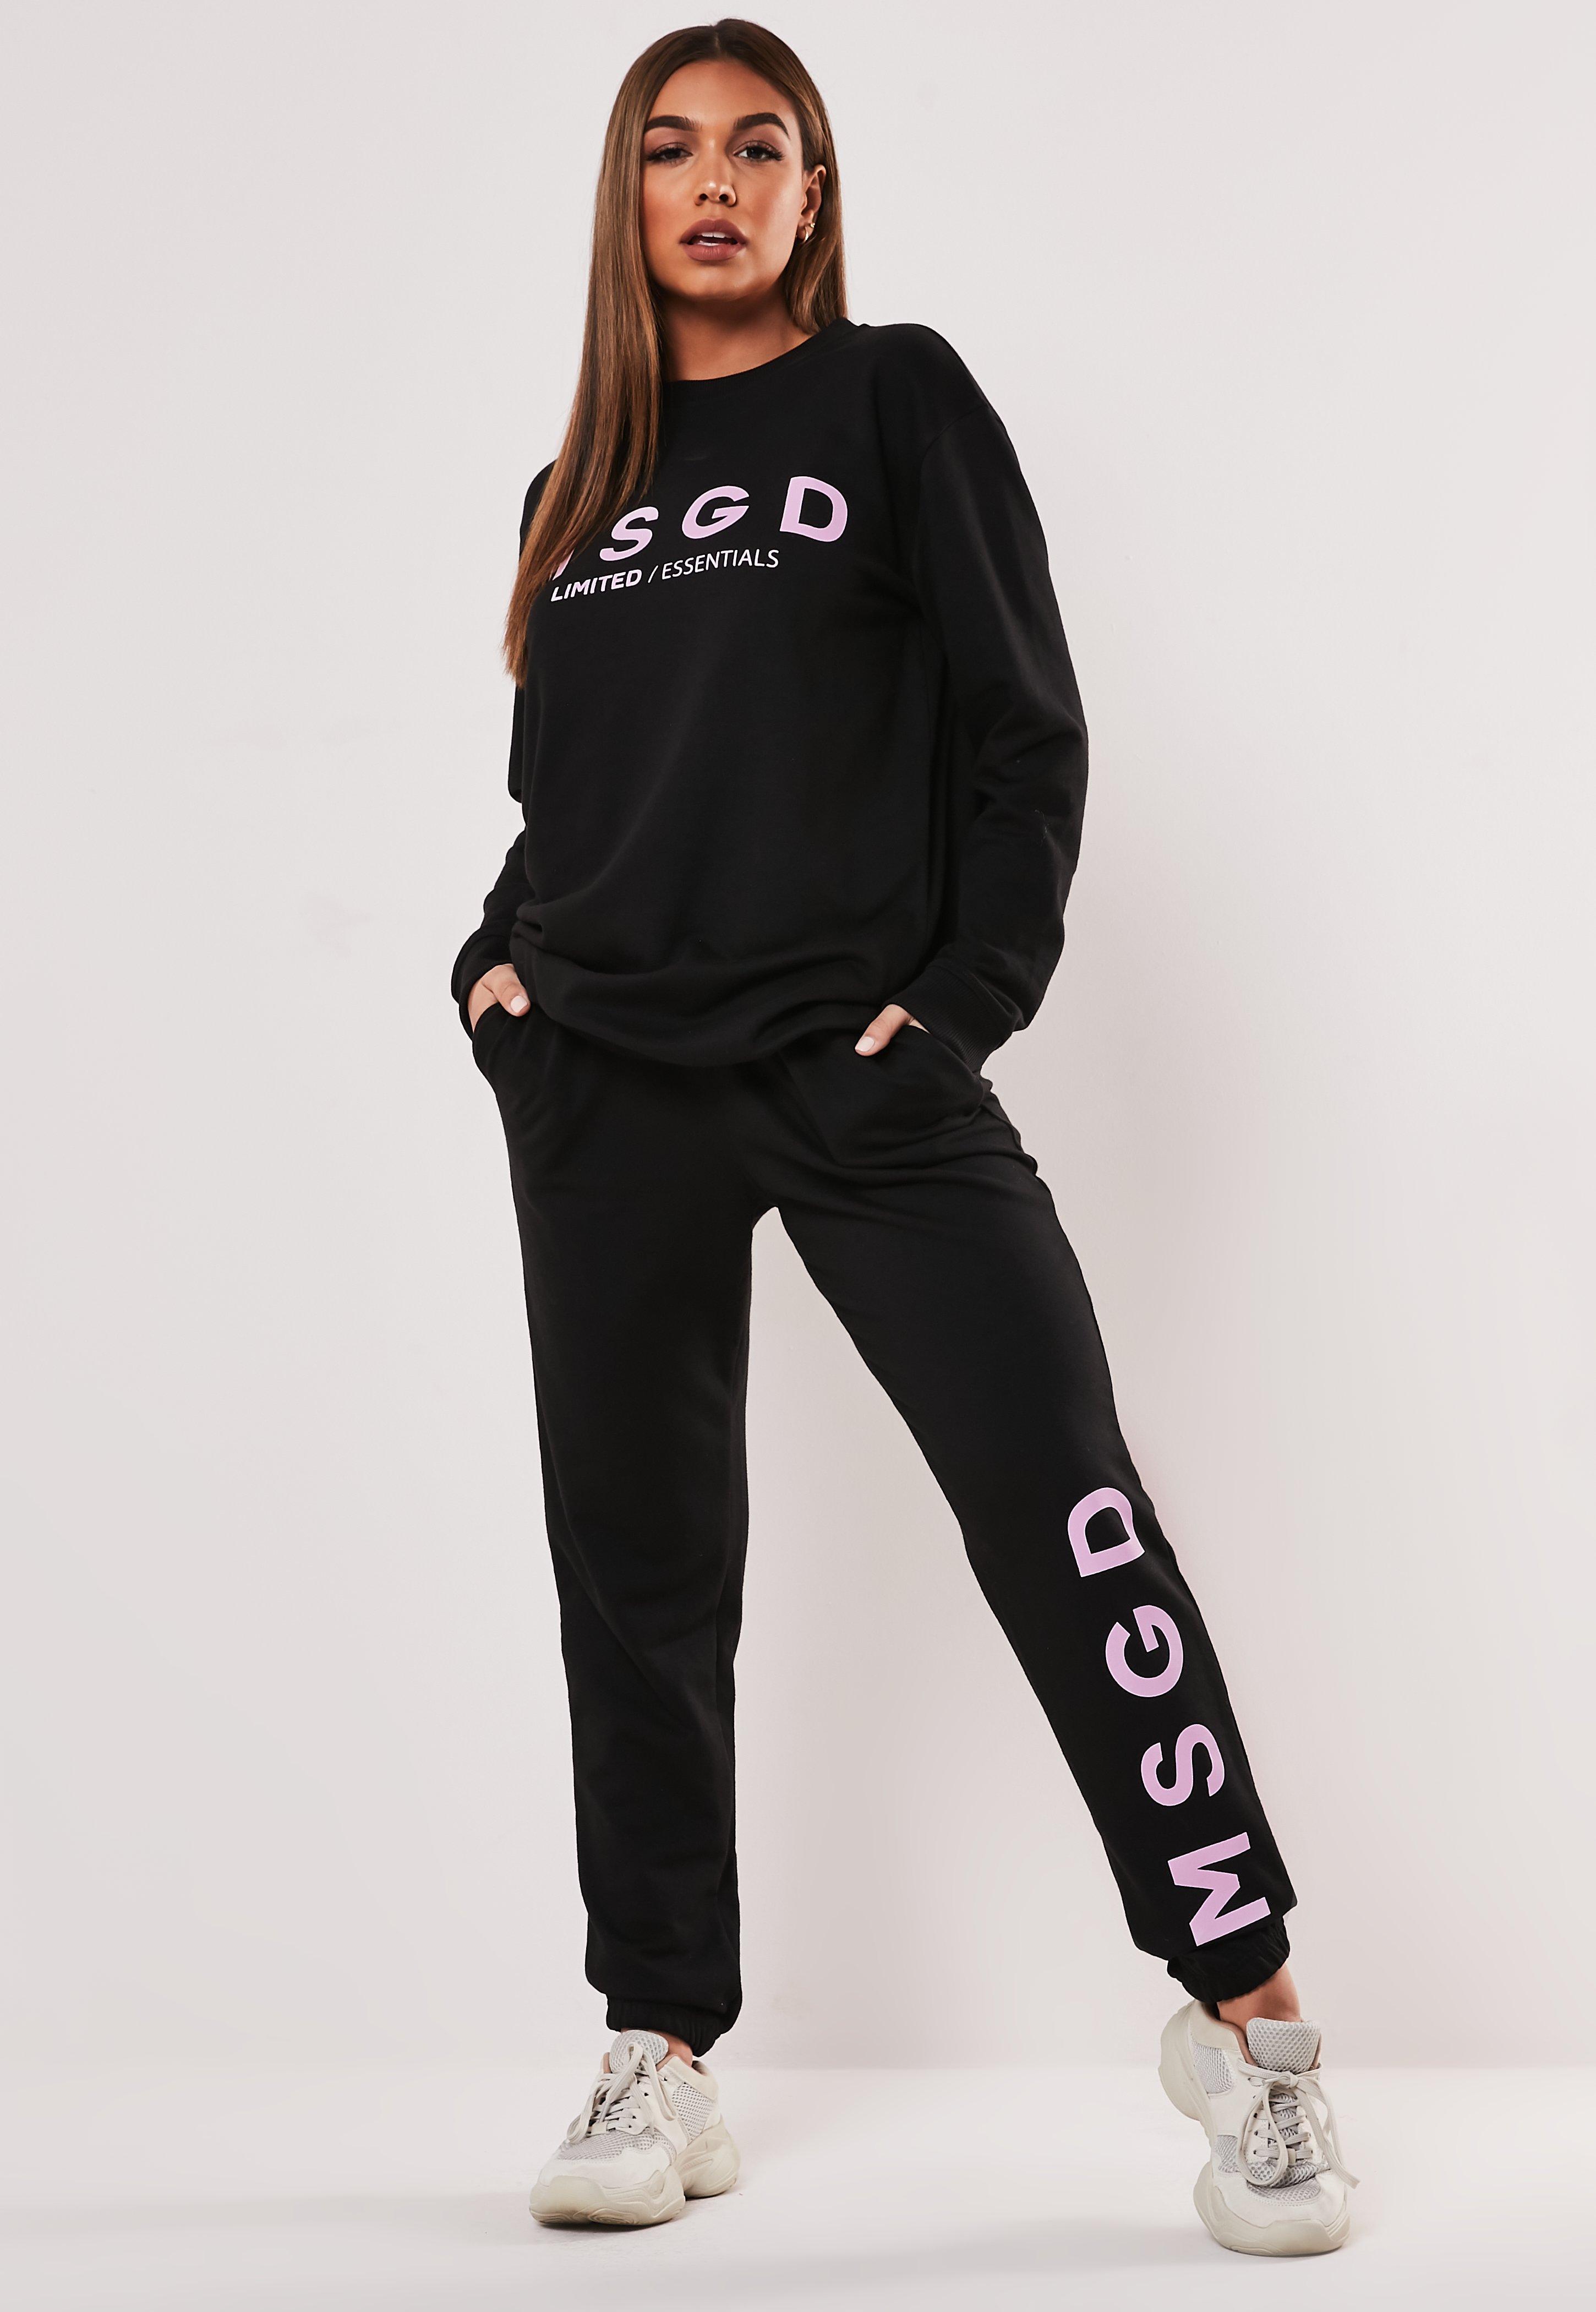 0a87bb0ad959 Gym Clothes | Women's Sportswear & Gym Wear - Missguided